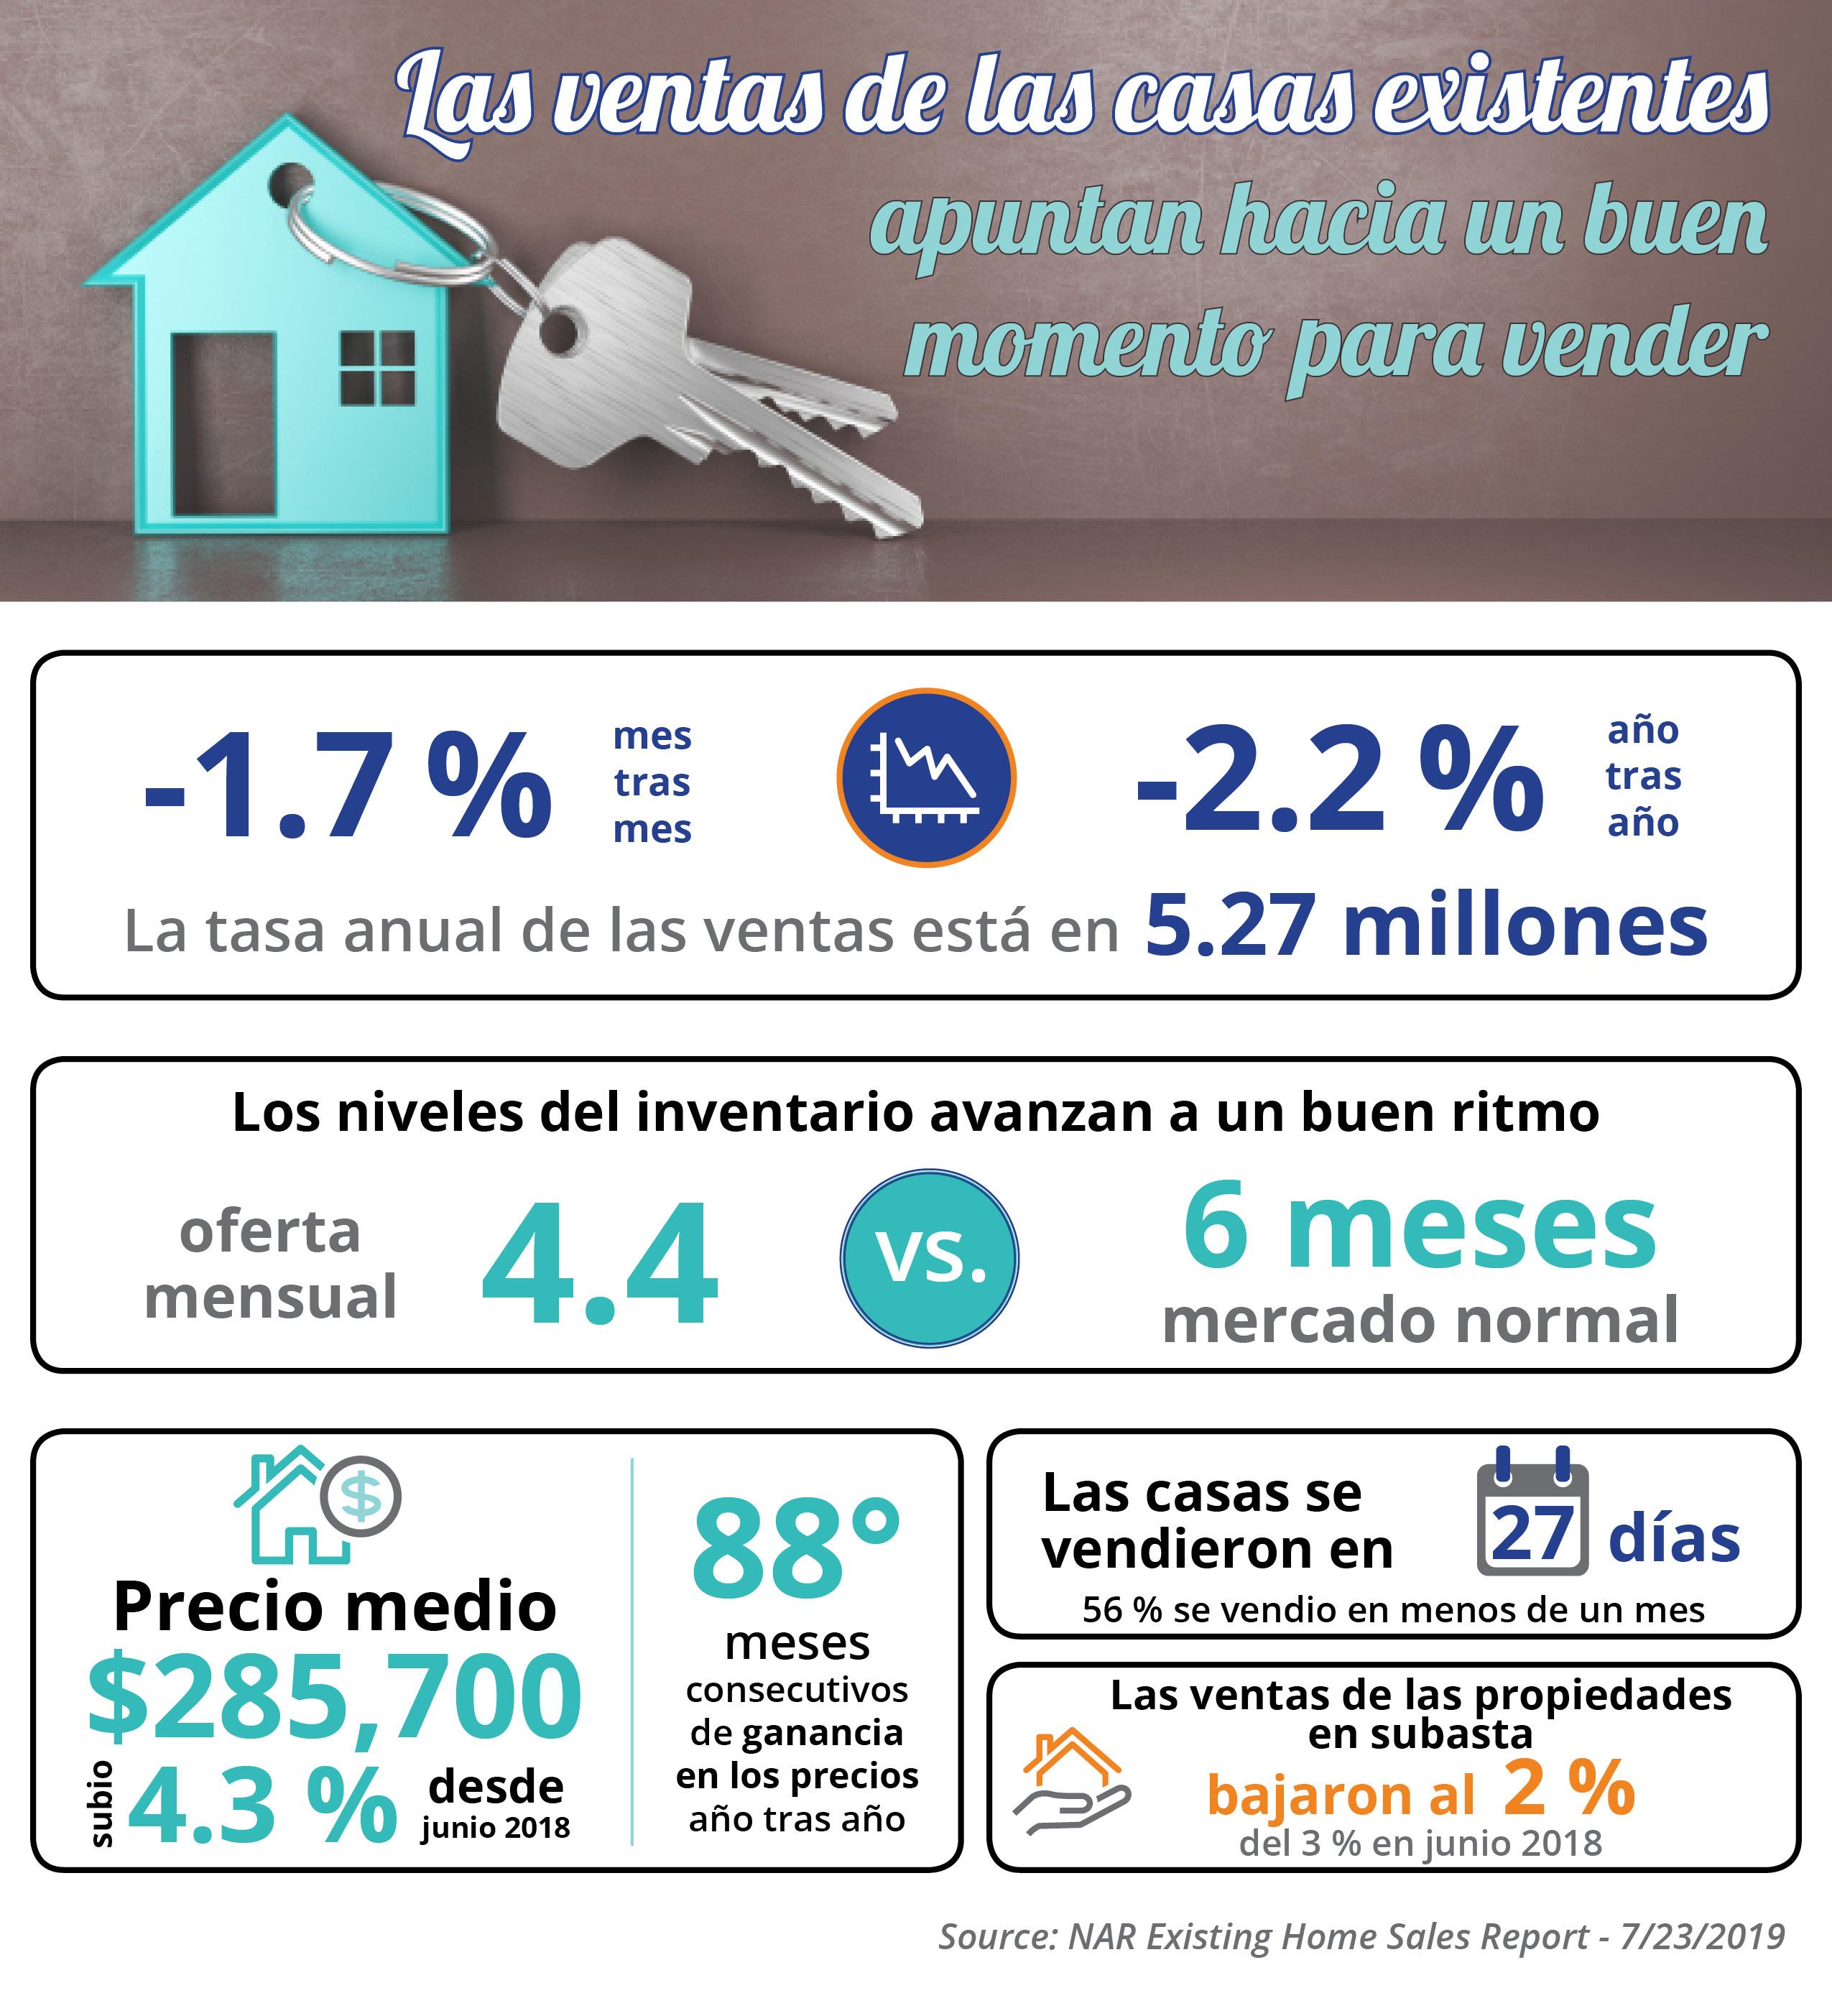 Las ventas de las casas existentes apuntan hacia un buen momento para vender [infografía] | Simplifying The Market